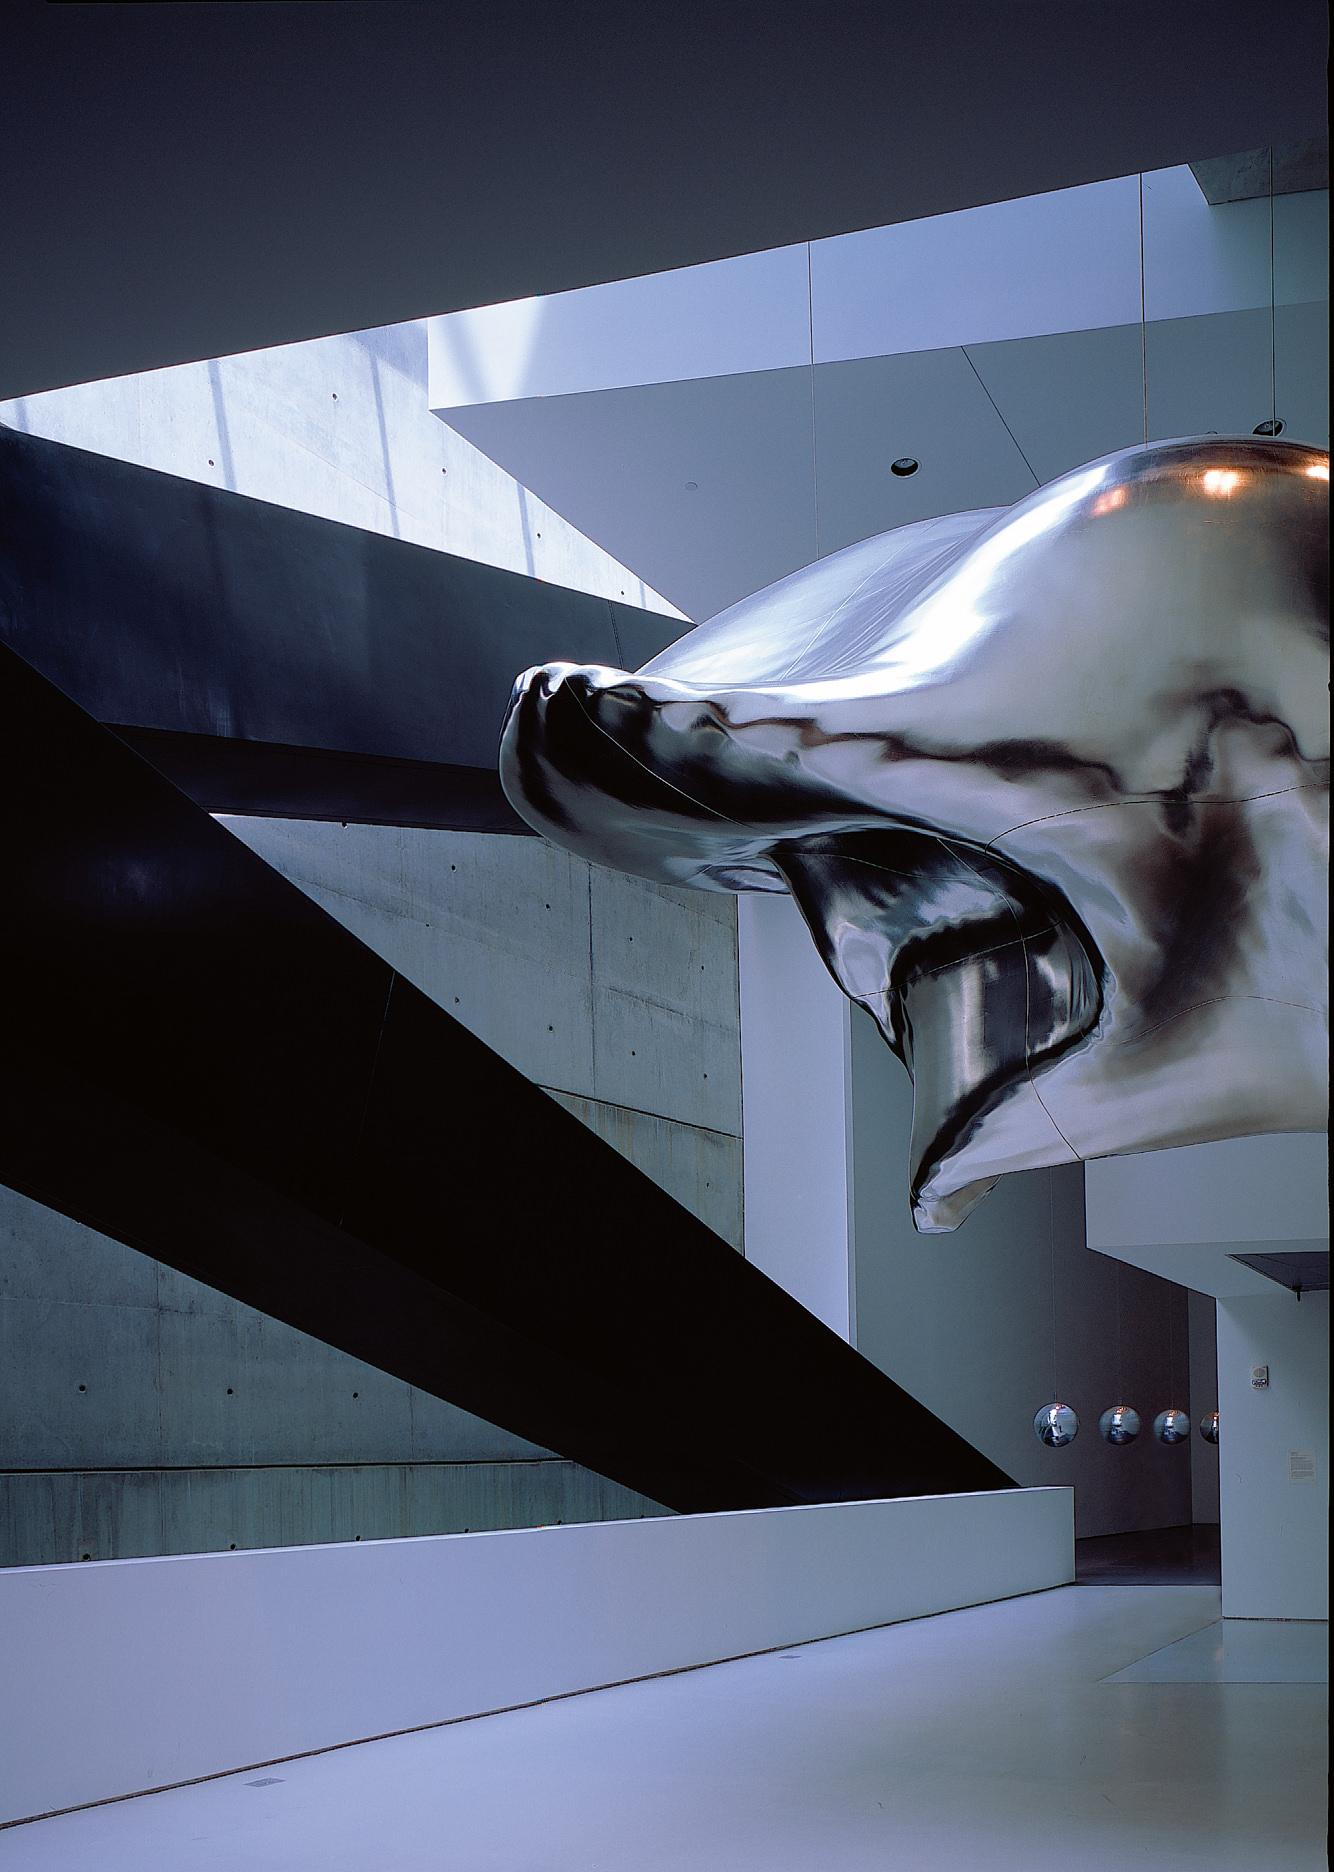 """Photo : Hélène Binet. Déployé sur plus de 25000 m2 , le Rosenthal Contemporary Arts Center de Cincinnati est l'un des premiers musées réalisés par Zaha Hadid, tel un manifeste de son architecture souvent décrite comme """"déconstructiviste"""". Ici, vue de l'espace exposant la sculpture Cloud no1 d'Iñigo Manglano-Ovalle en 2003."""